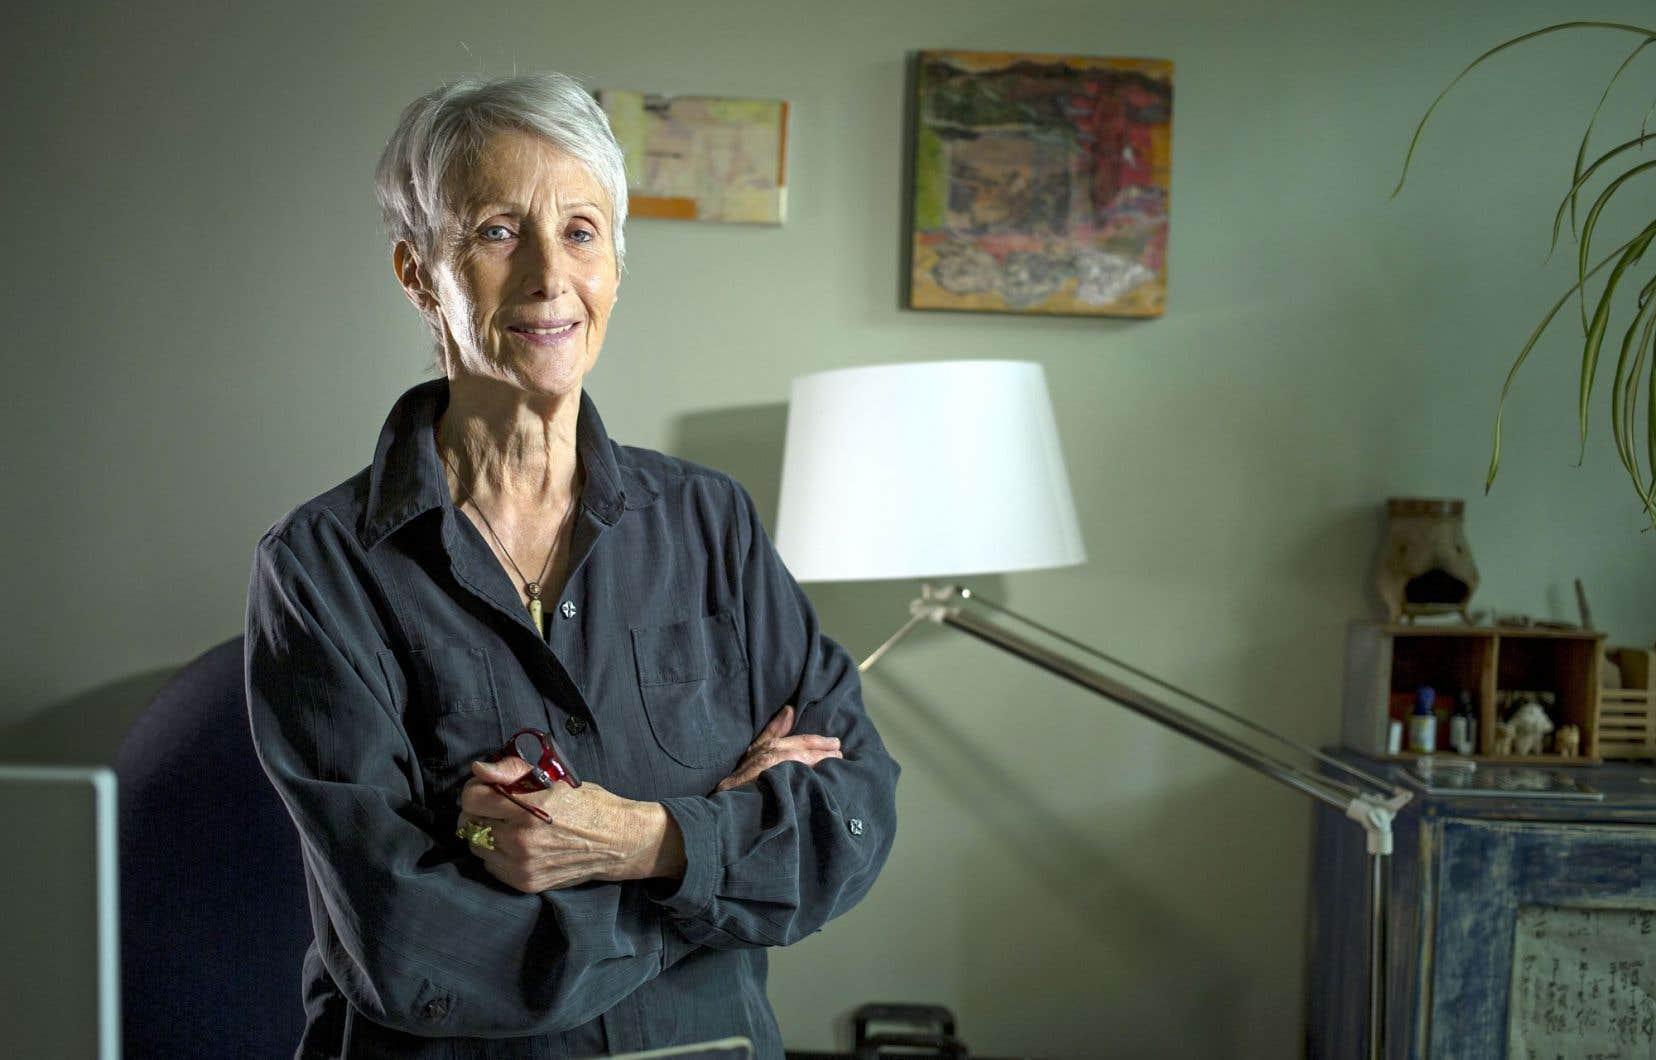 L'auteure suisse Verena Stefan, installée à Montréal, témoigne d'une époque pas si lointaine où l'avortement était synonyme de crime.